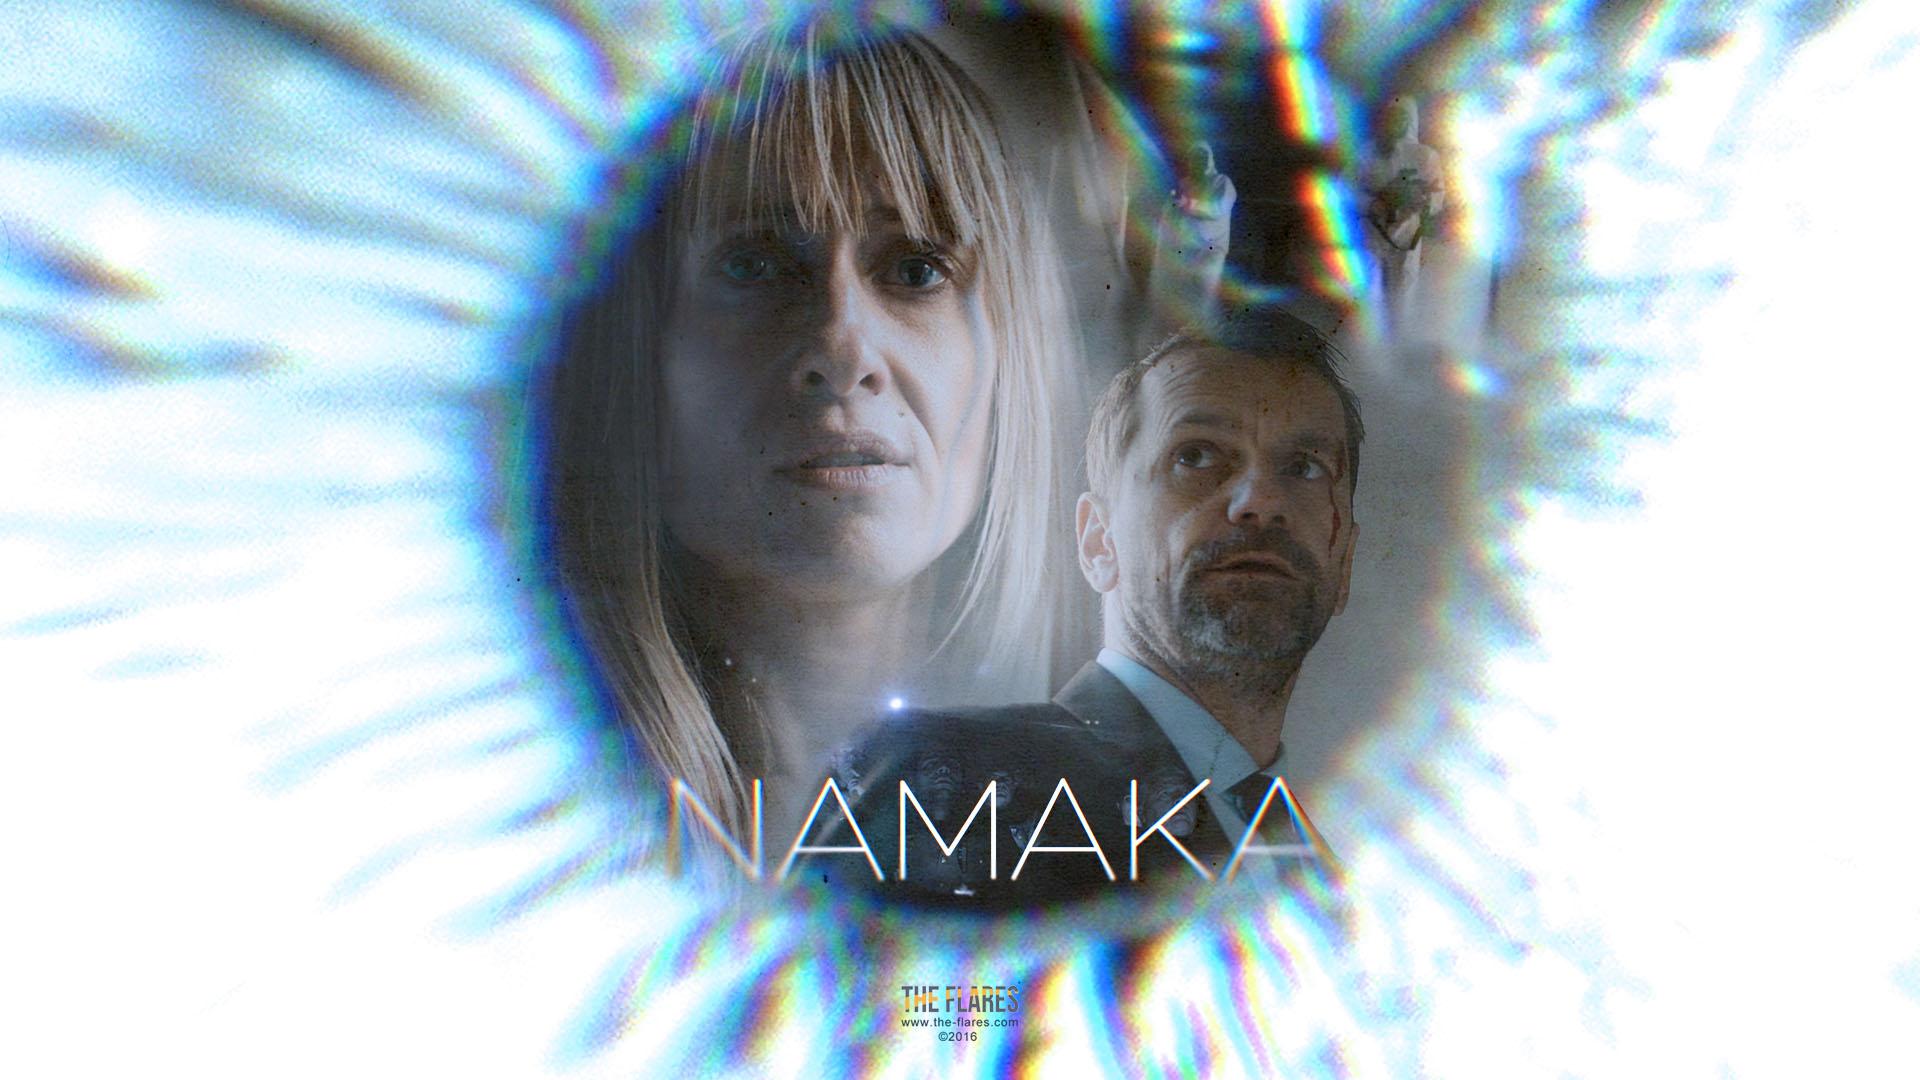 NAMAKA - A SciFi WEBSERIES - 2016